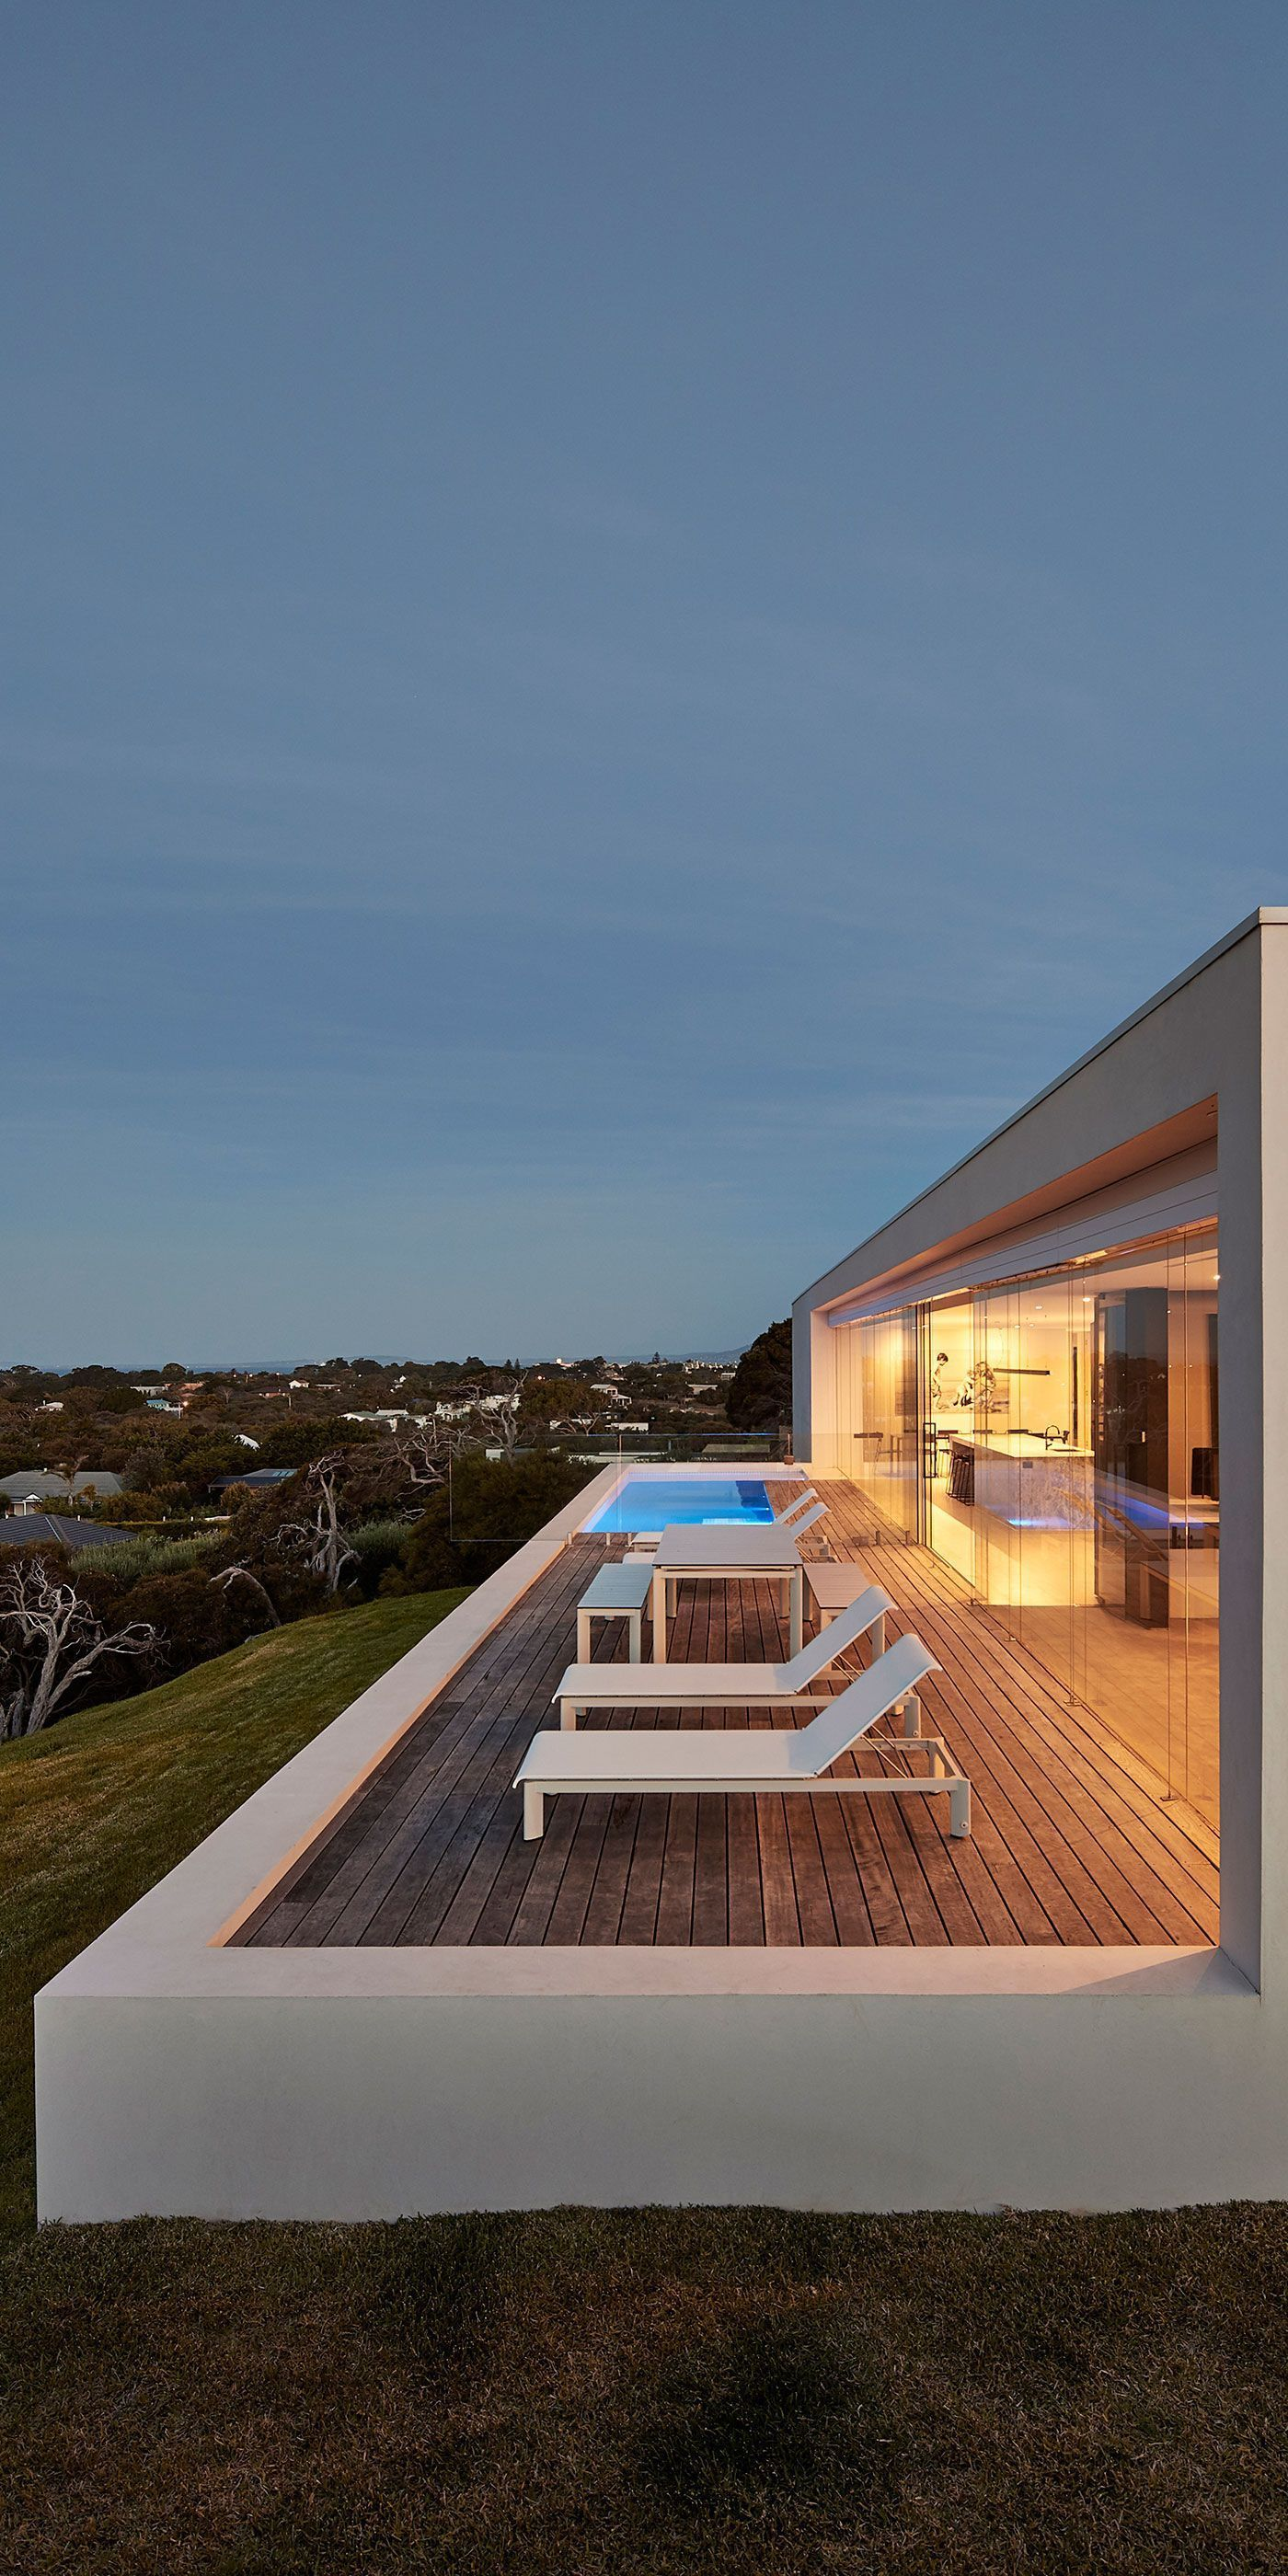 31 Amazing Architecture the House Looks Floating - | Maison ...